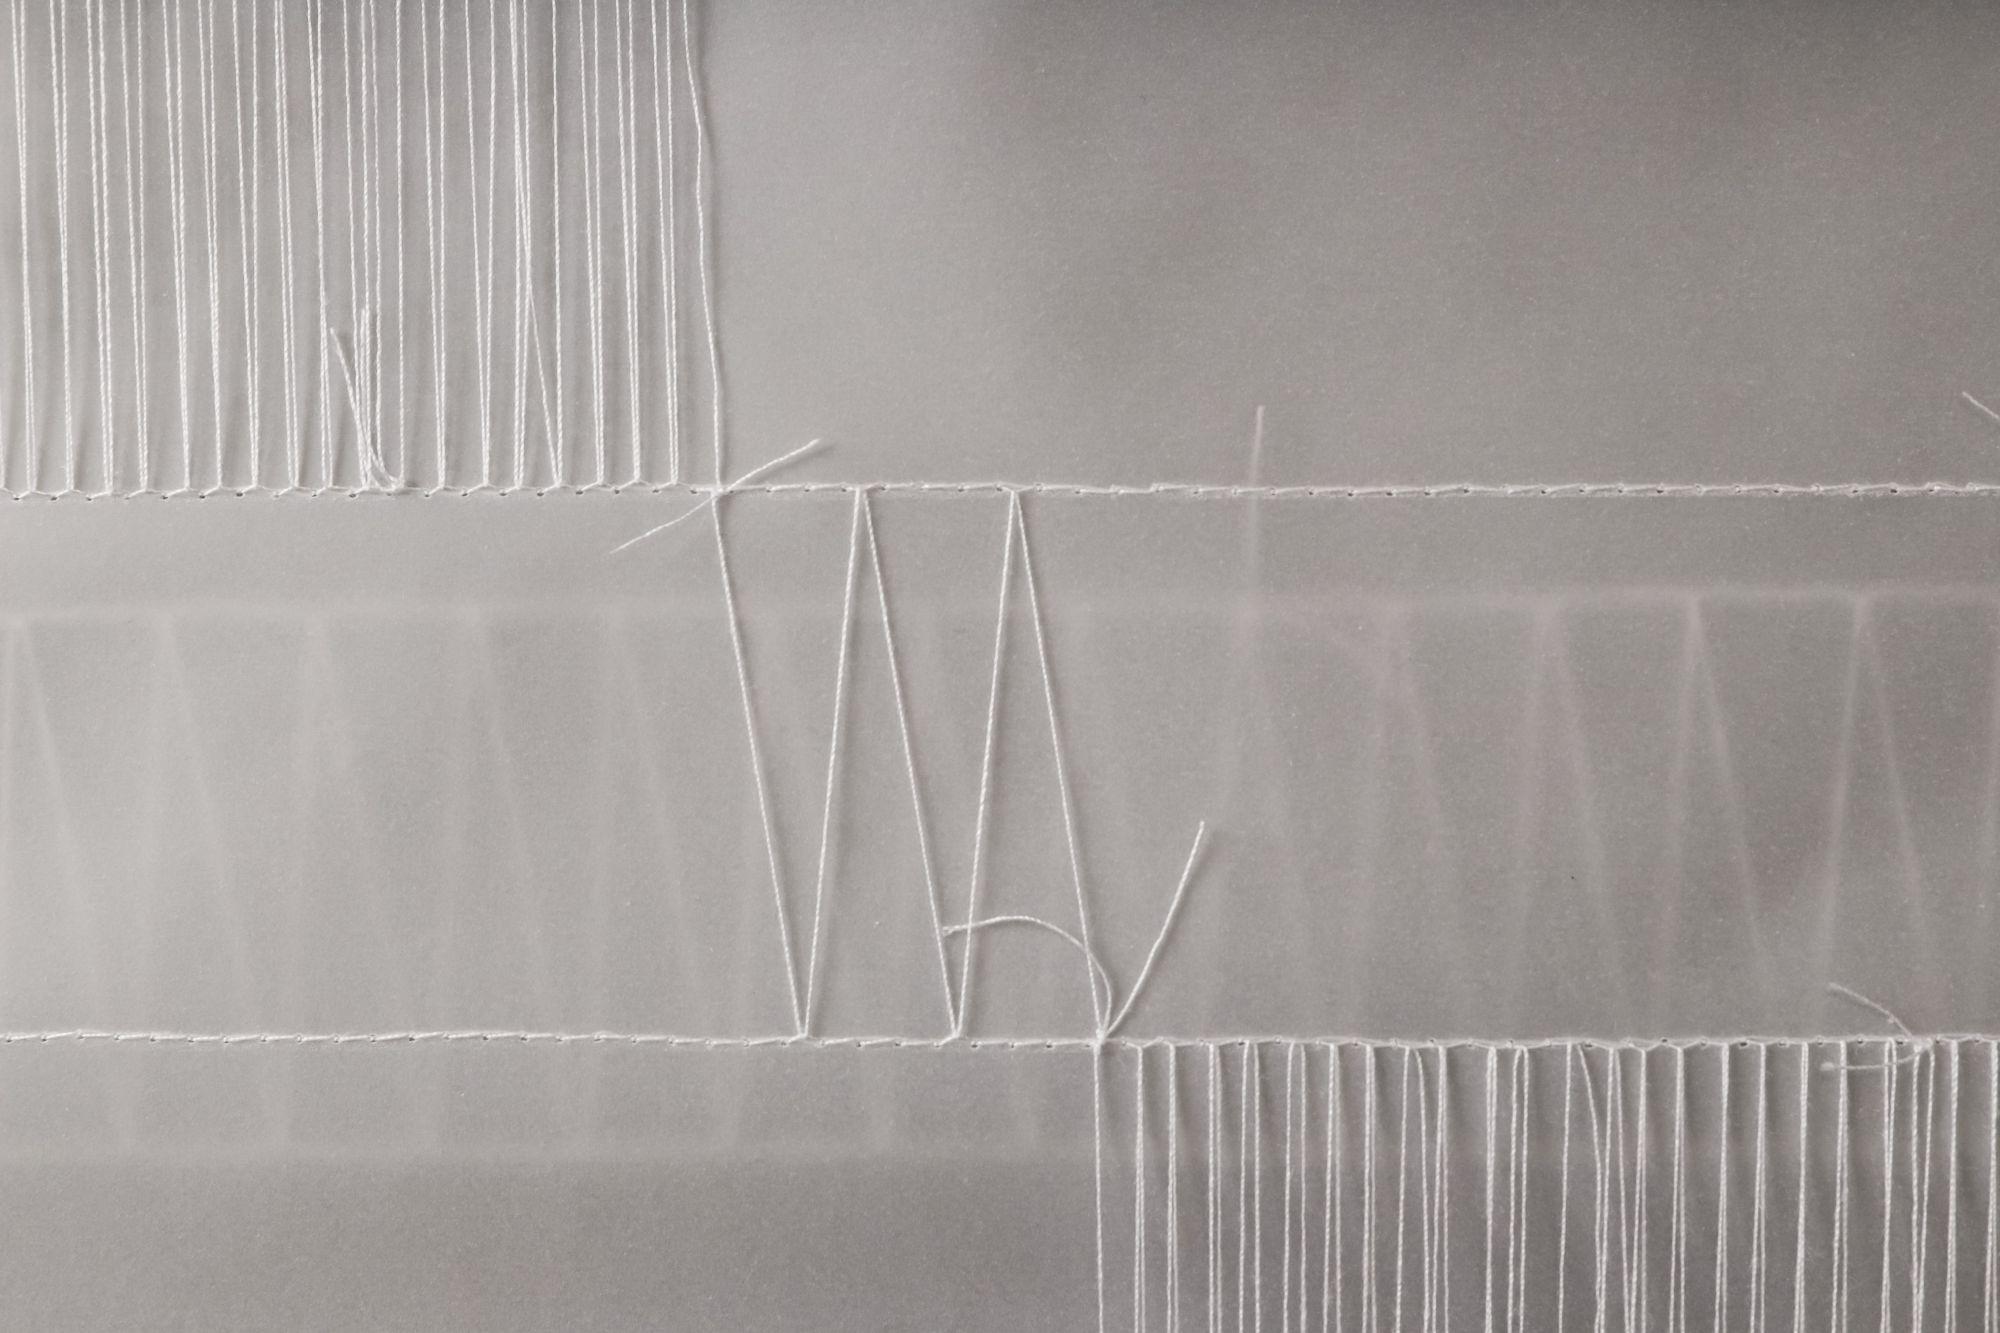 Agata Hörttrich / Stefanie Messner (Näh- und Knüpftechnik / Fadenspiel auf Transparentpapier)